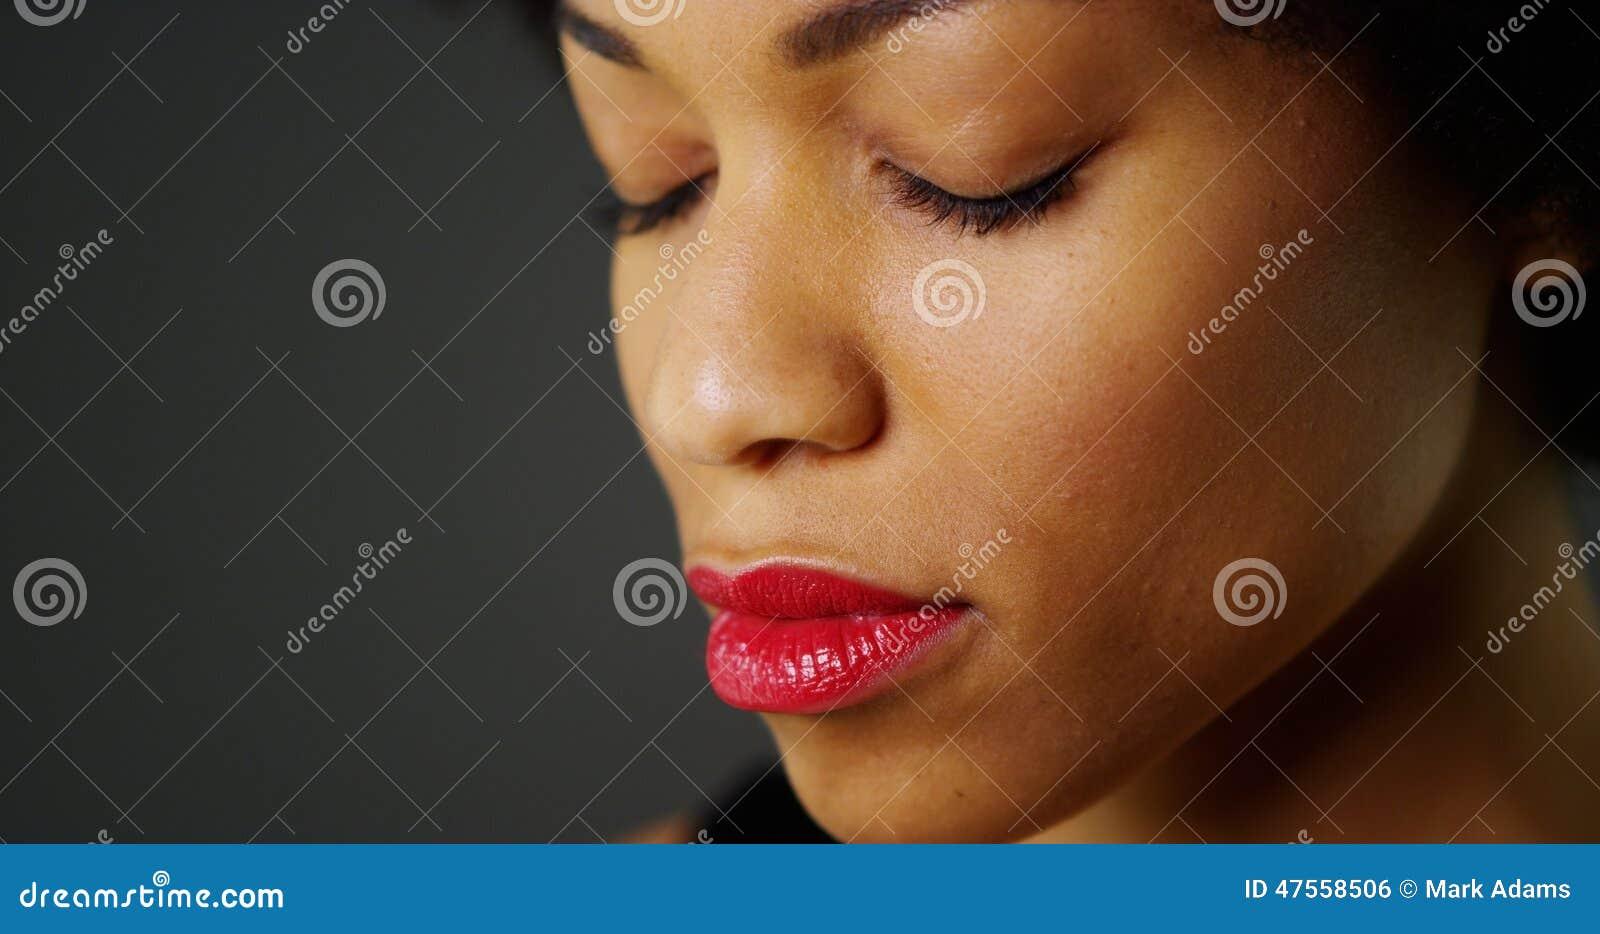 闭上�9�/9/h9�9��o^�_关闭有闭上的眼睛的非洲妇女.